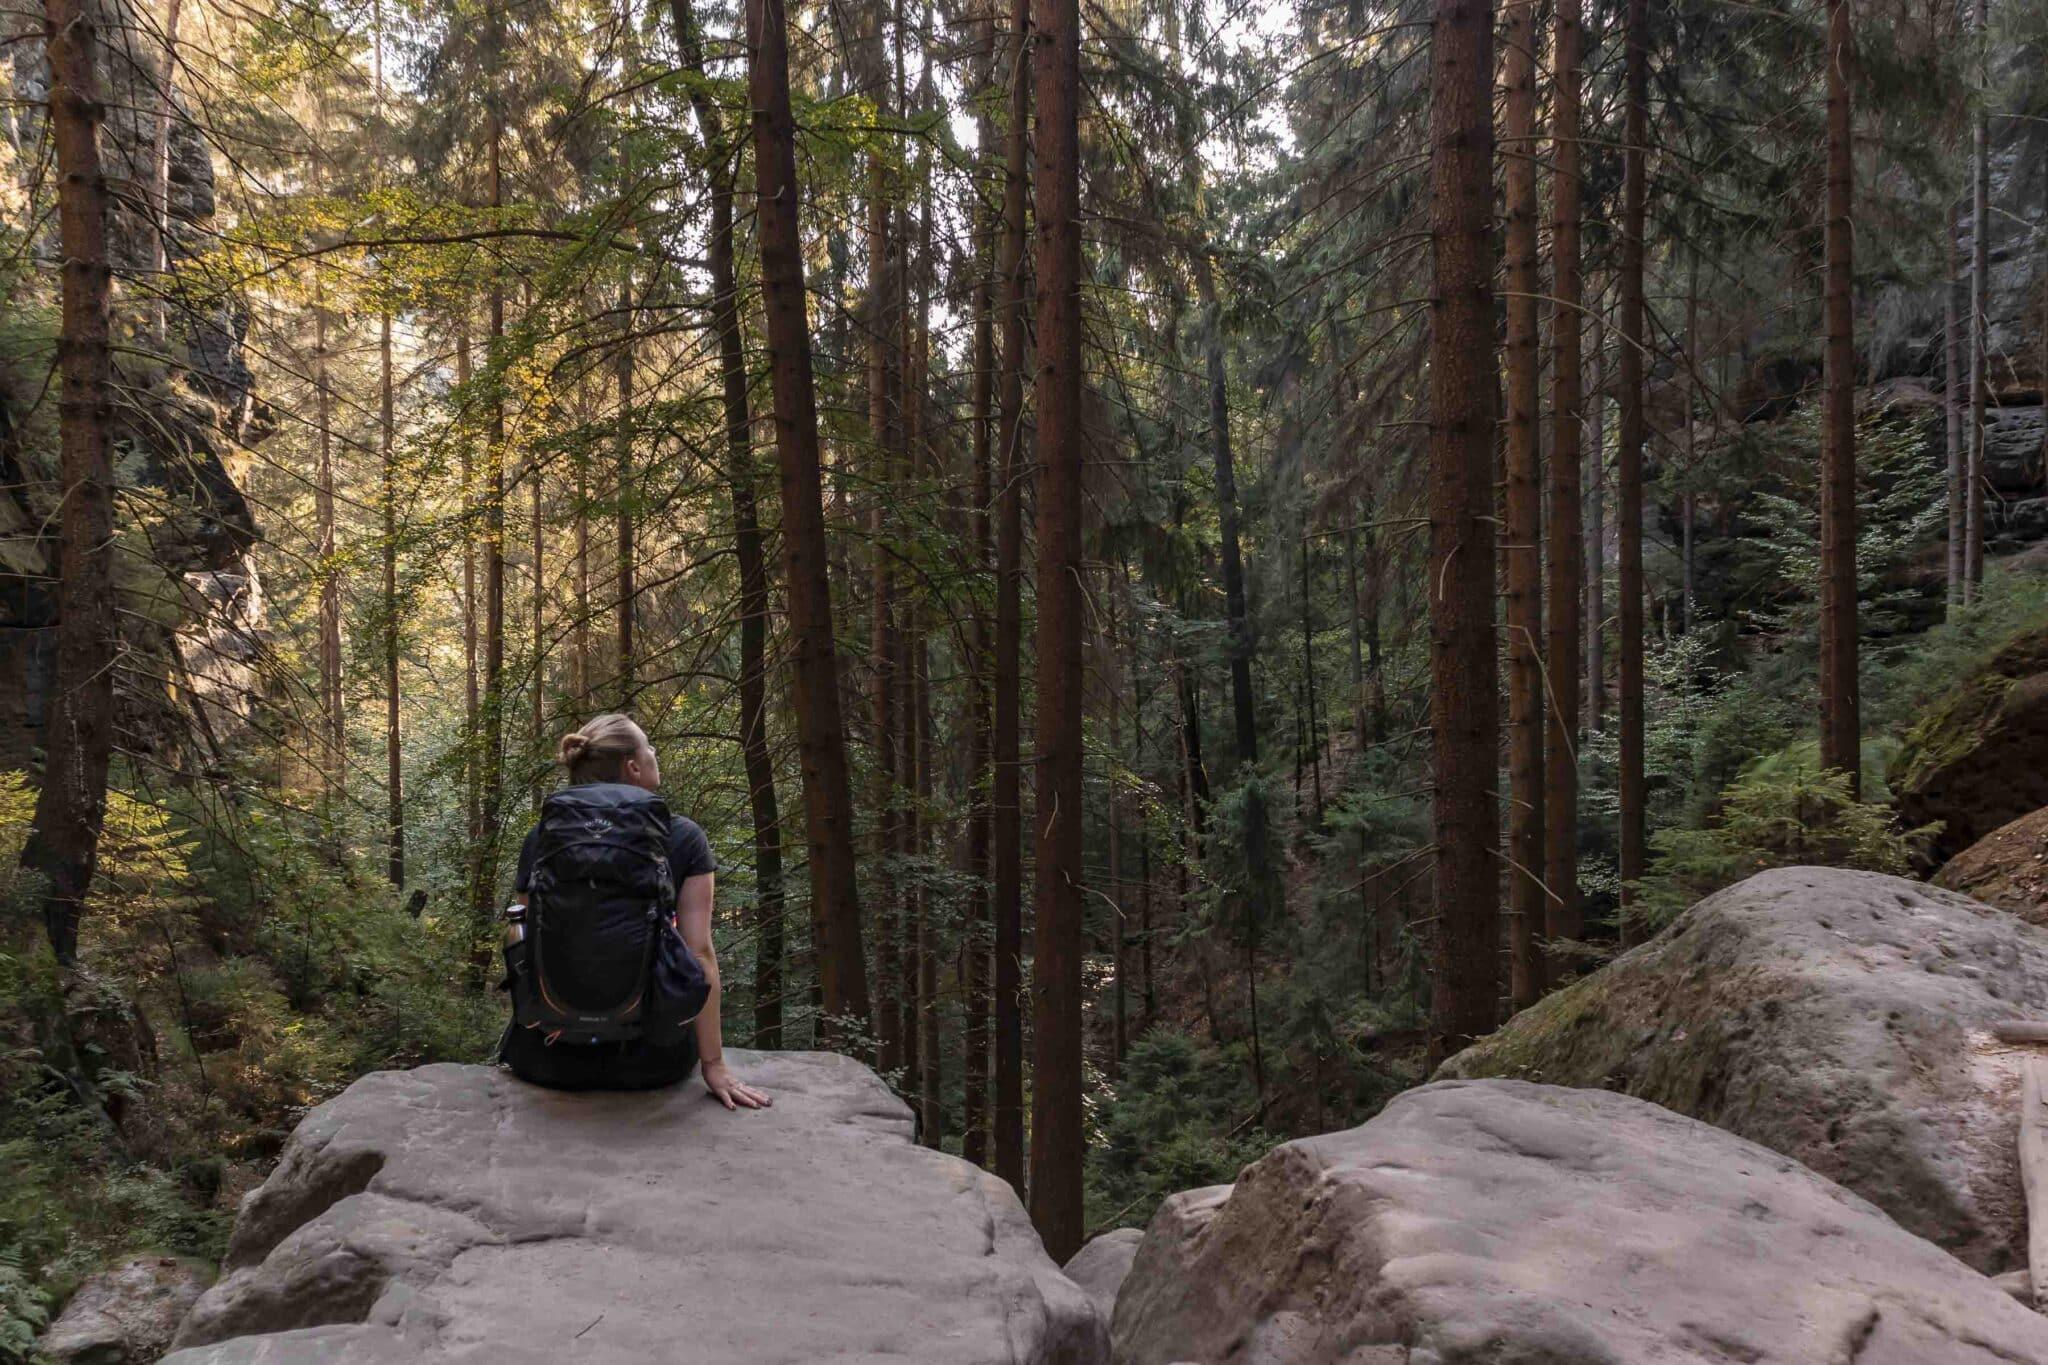 Wandern im Elbsandsteingebirge: unterwegs auf dem Malerweg_Sächsische Schweiz_PASSENGER X